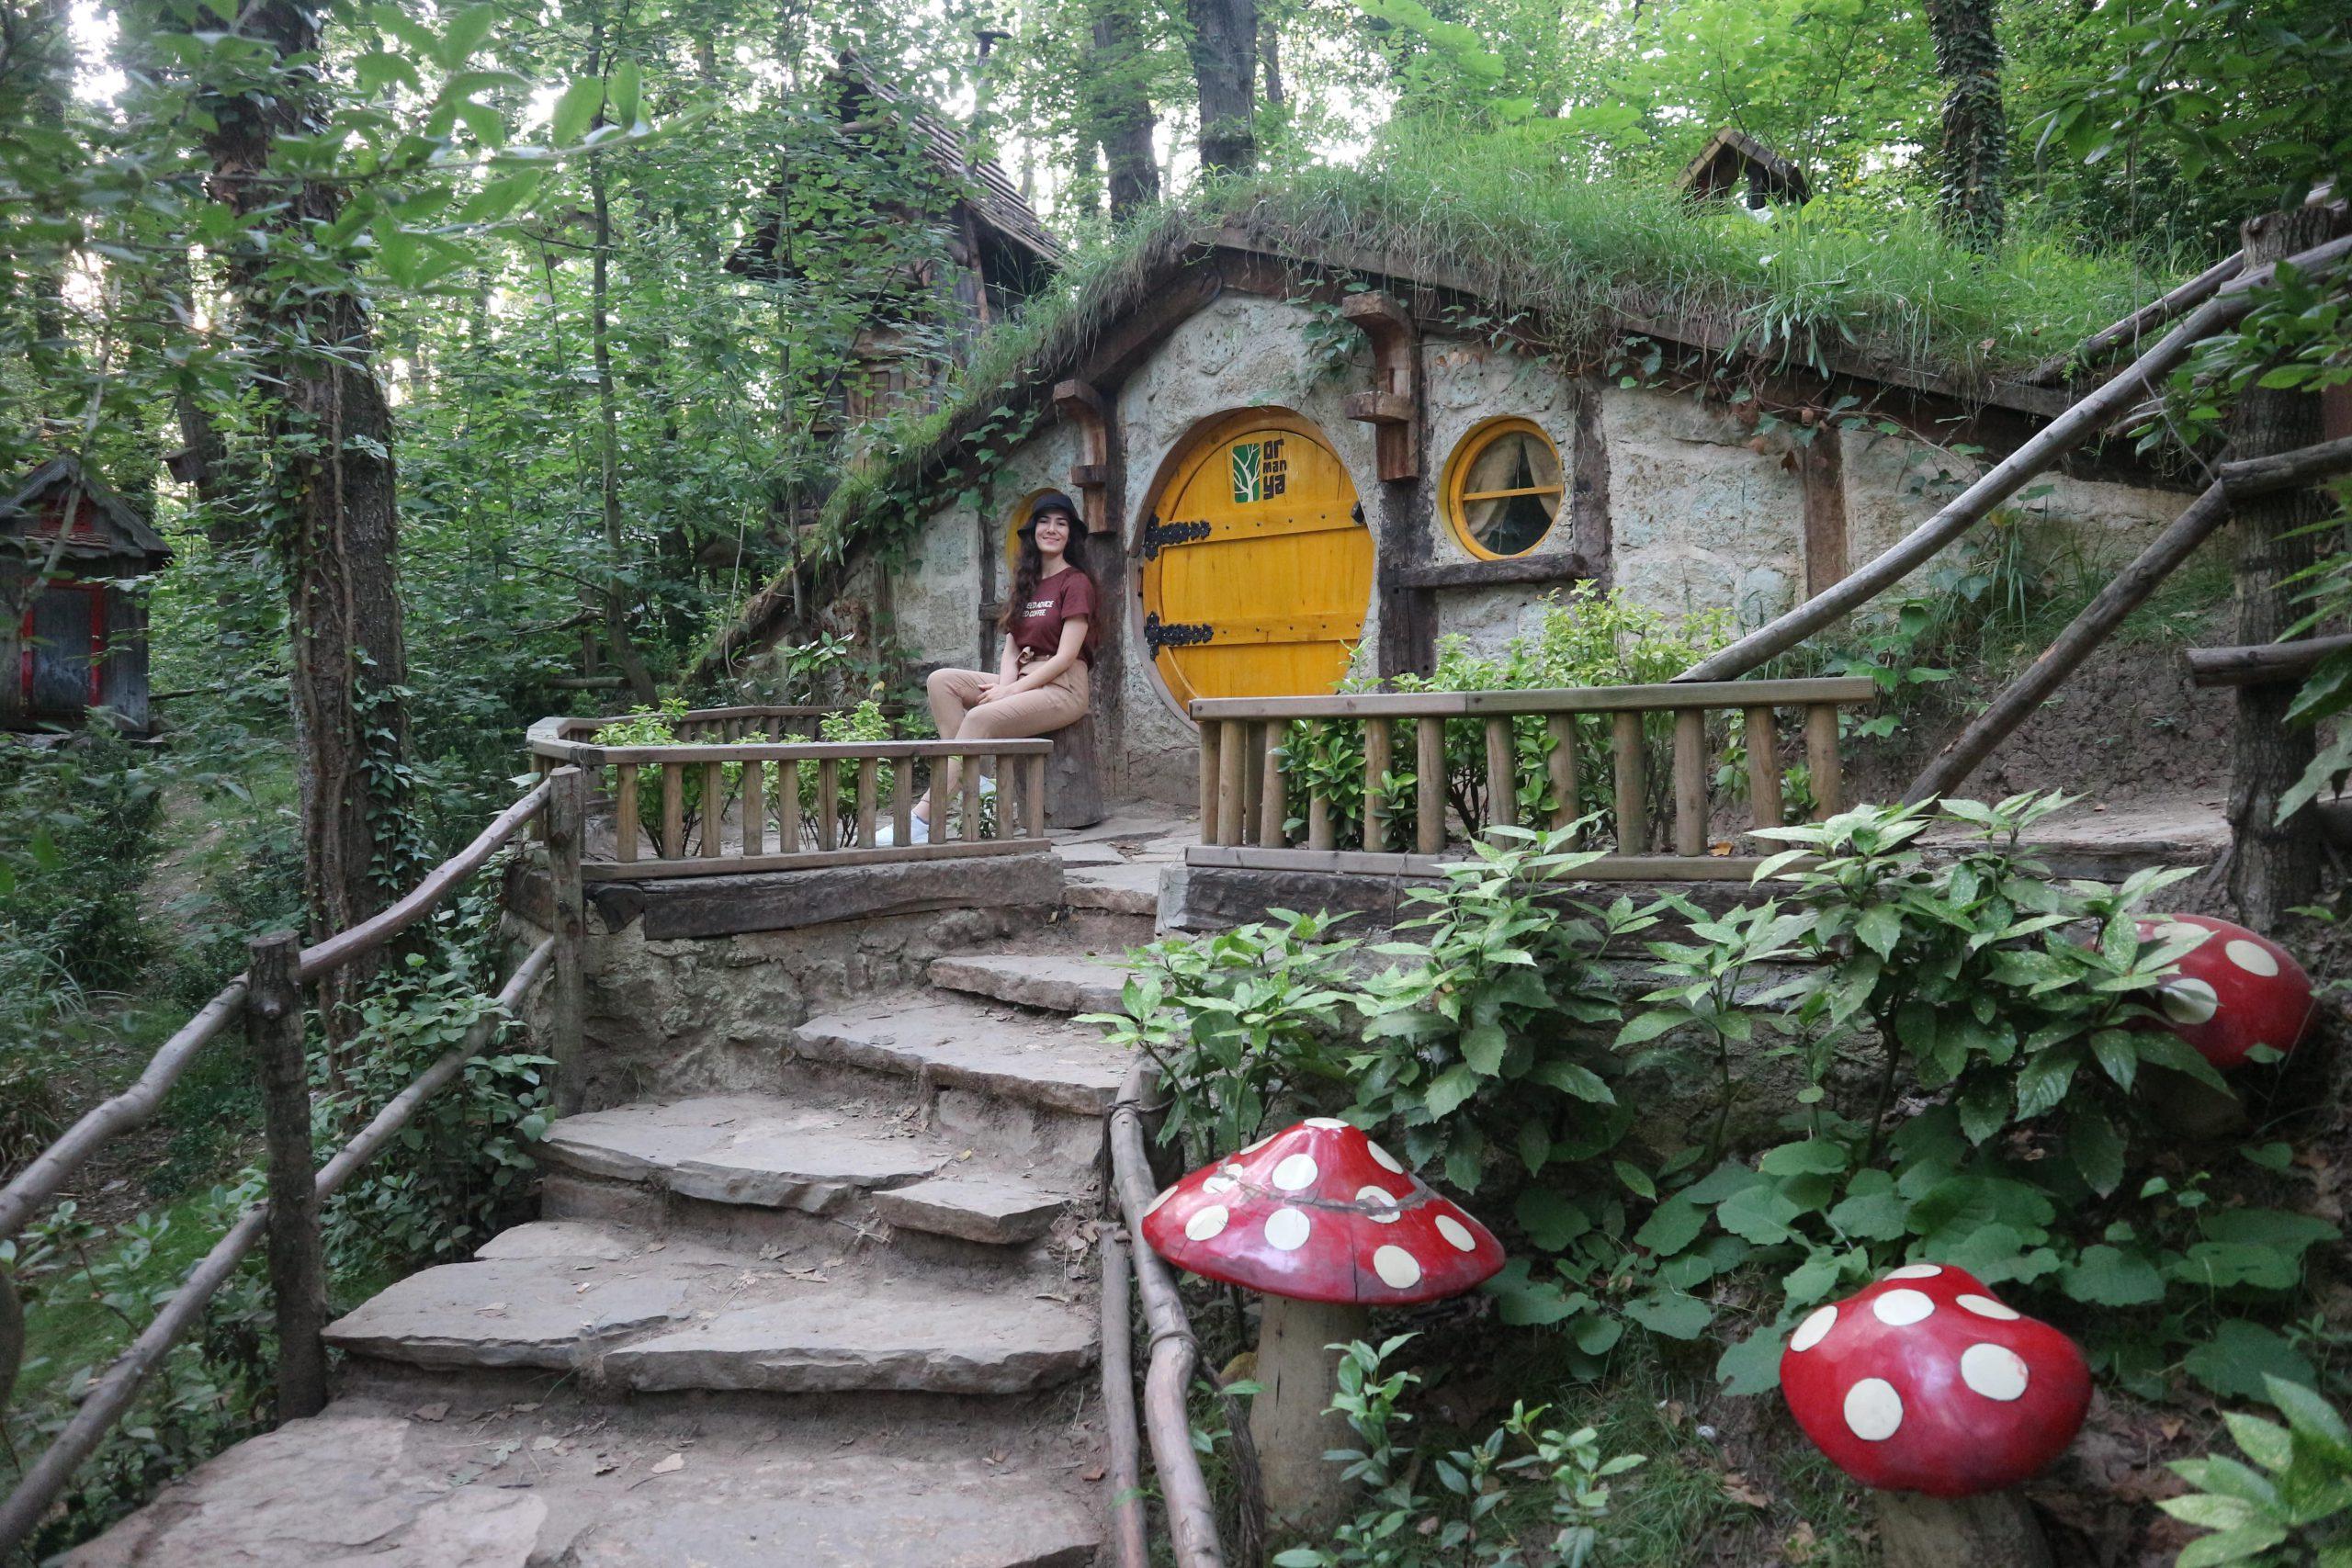 Ormanya Doğal Yaşam Parkı – Kocaeli Gezi Rehberi